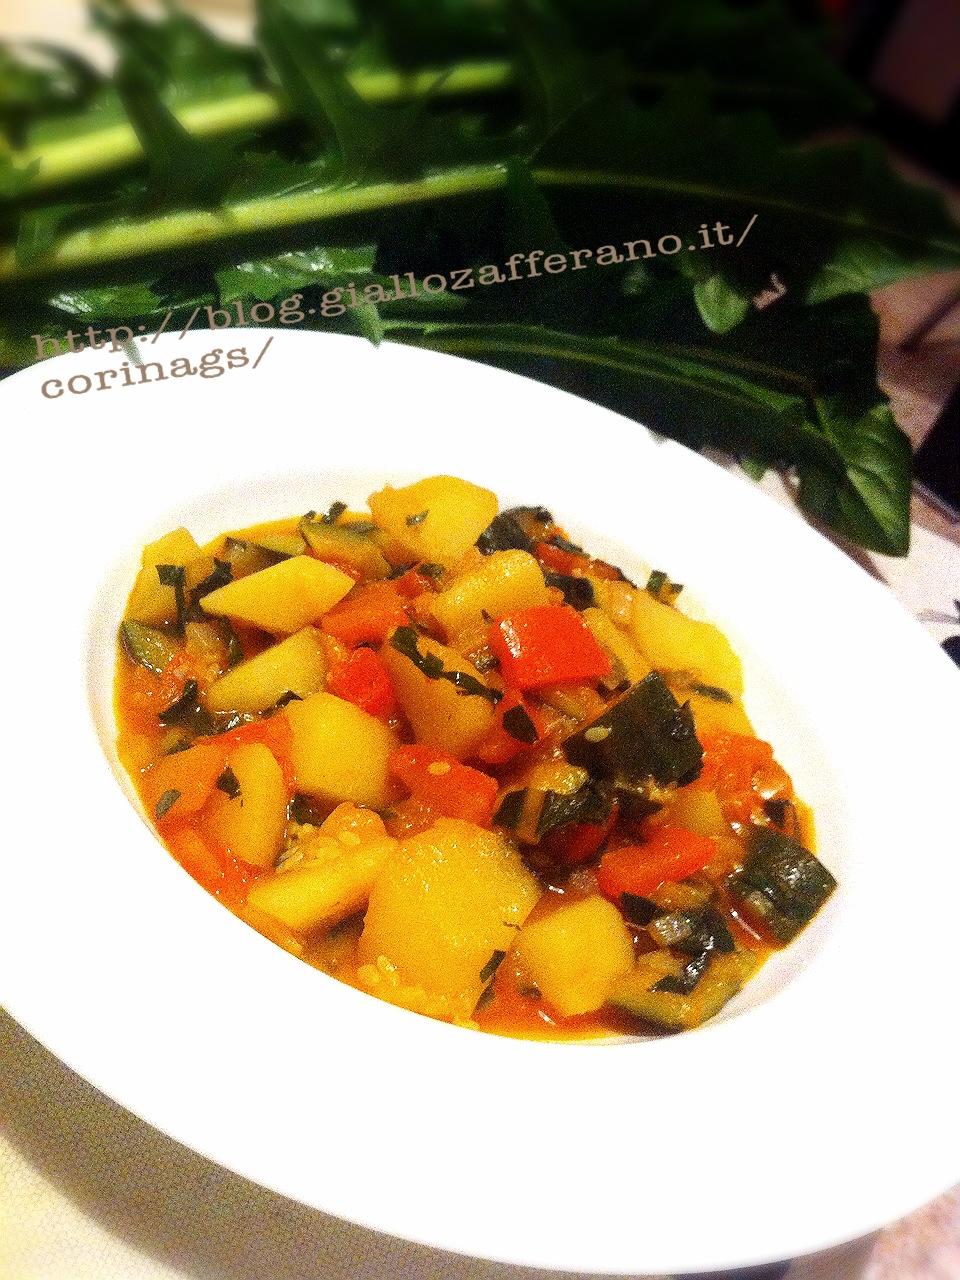 Verdure in padella al sapore di catalogna (cicoria)|CorinaGS